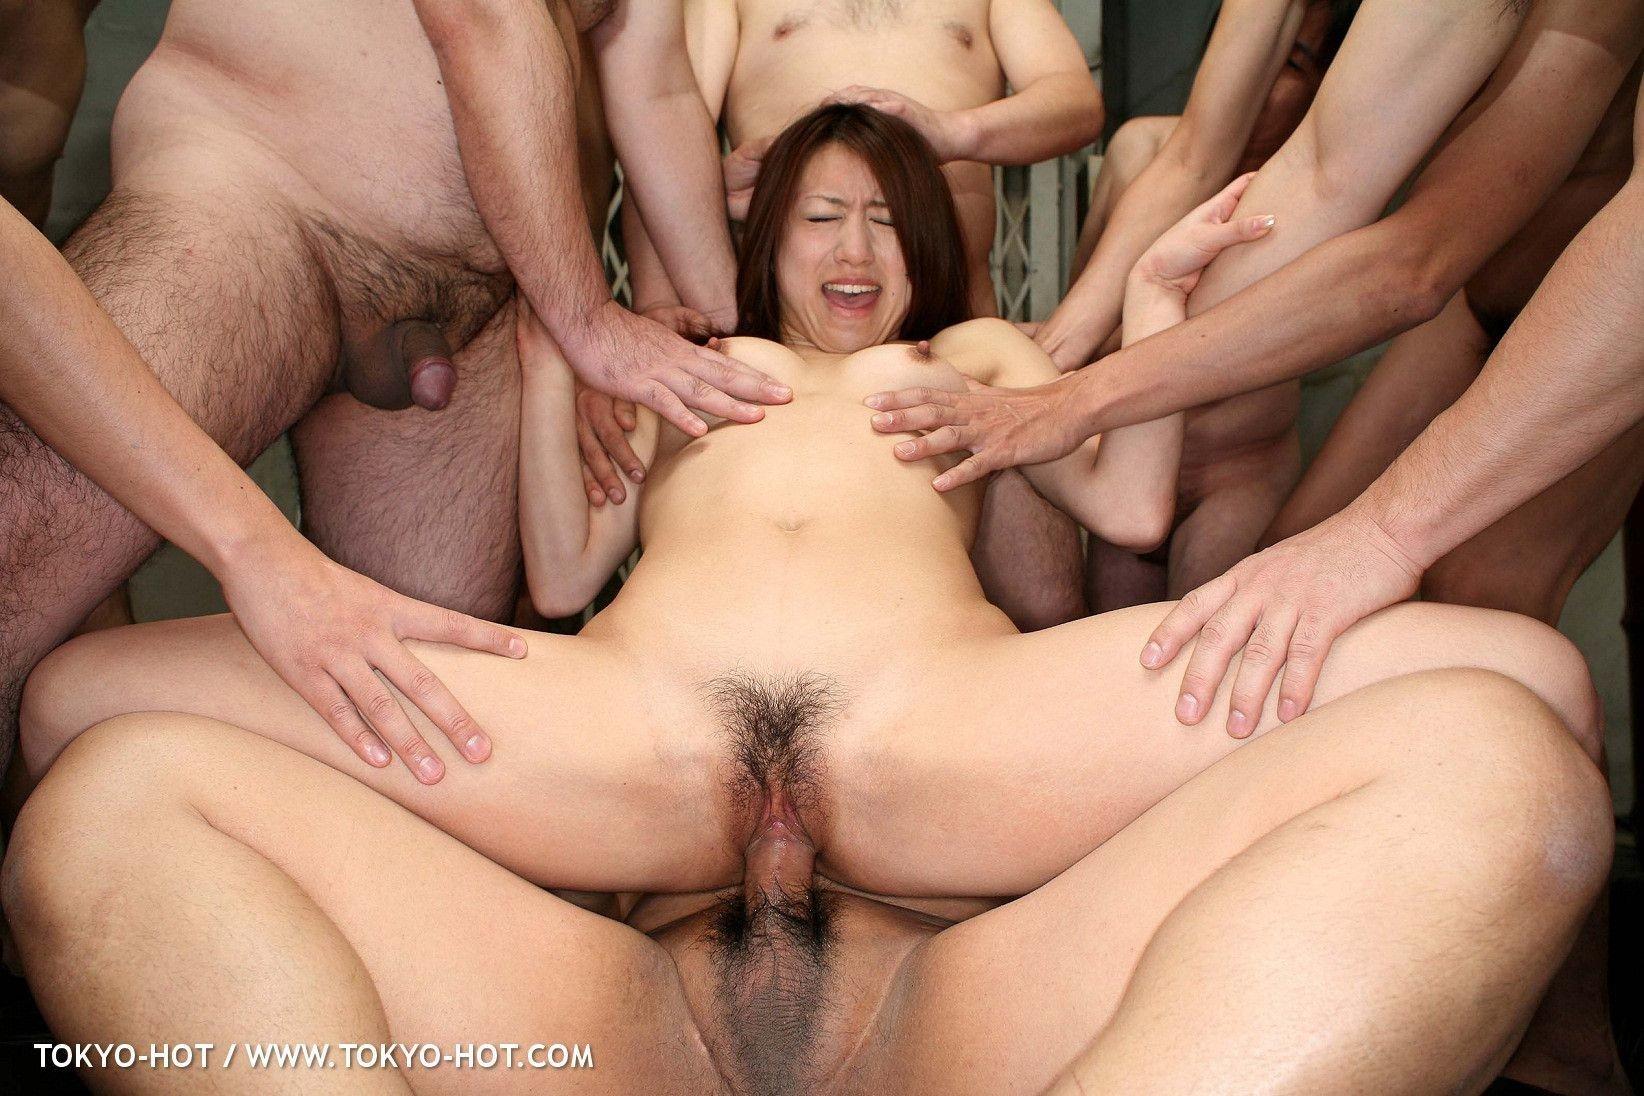 Japanese anal gangbang porn